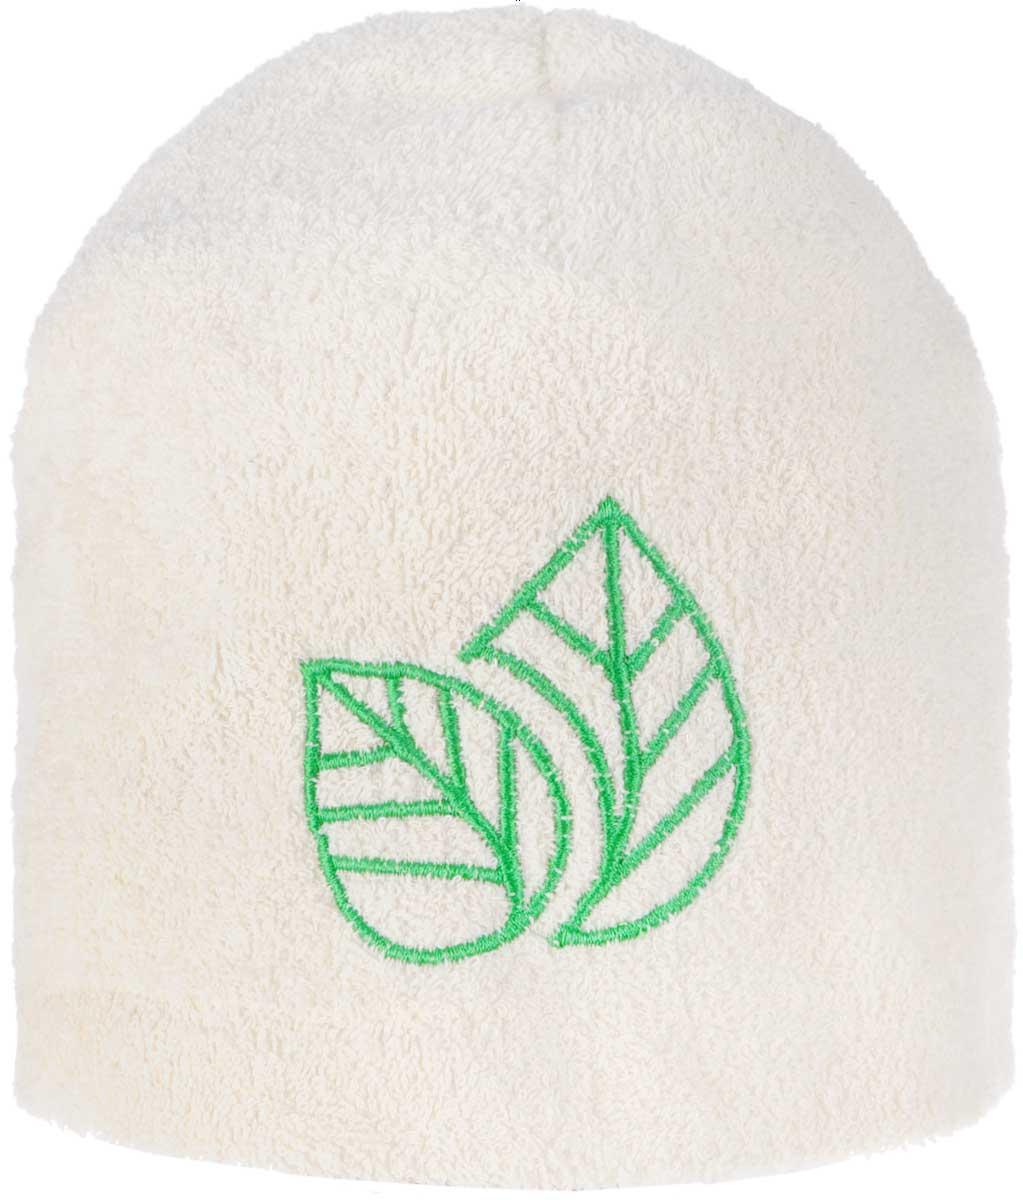 Шапка для бани и сауны Доктор Баня Листок, цвет: белый, зеленый.1024602Шапка для бани и сауны Доктор Баня Листок, изготовленная из войлока (100% шерсть), станет незаменимым аксессуаром для любителей попариться в русской бане и для тех, кто предпочитает сухой жар финской бани. Шапка оформлена оригинальным и ярким принтом.Шапка защитит от головокружения в бане и перегрева головы, а также предотвратит ломкость волос.Такая шапка станет отличным подарком для любителей отдыха в бане или сауне. Высота шапки: 26 см.Диаметр основания: 31 см.